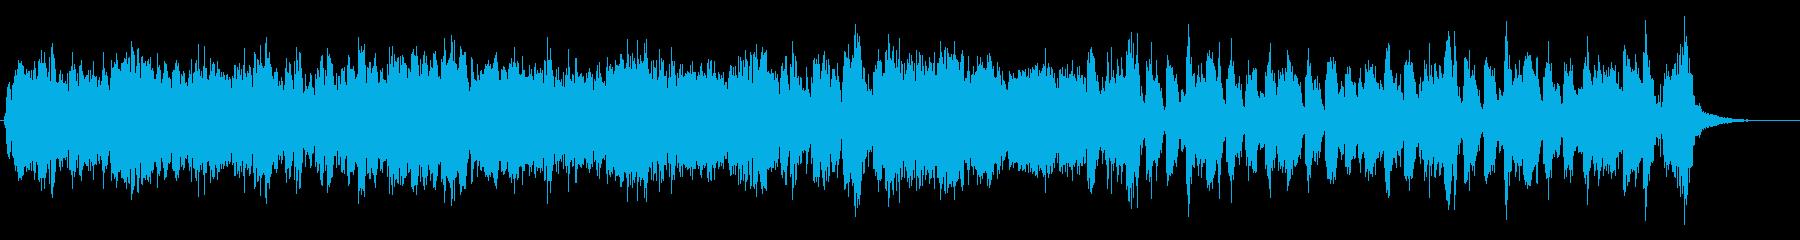 ファンファーレ行進曲の再生済みの波形